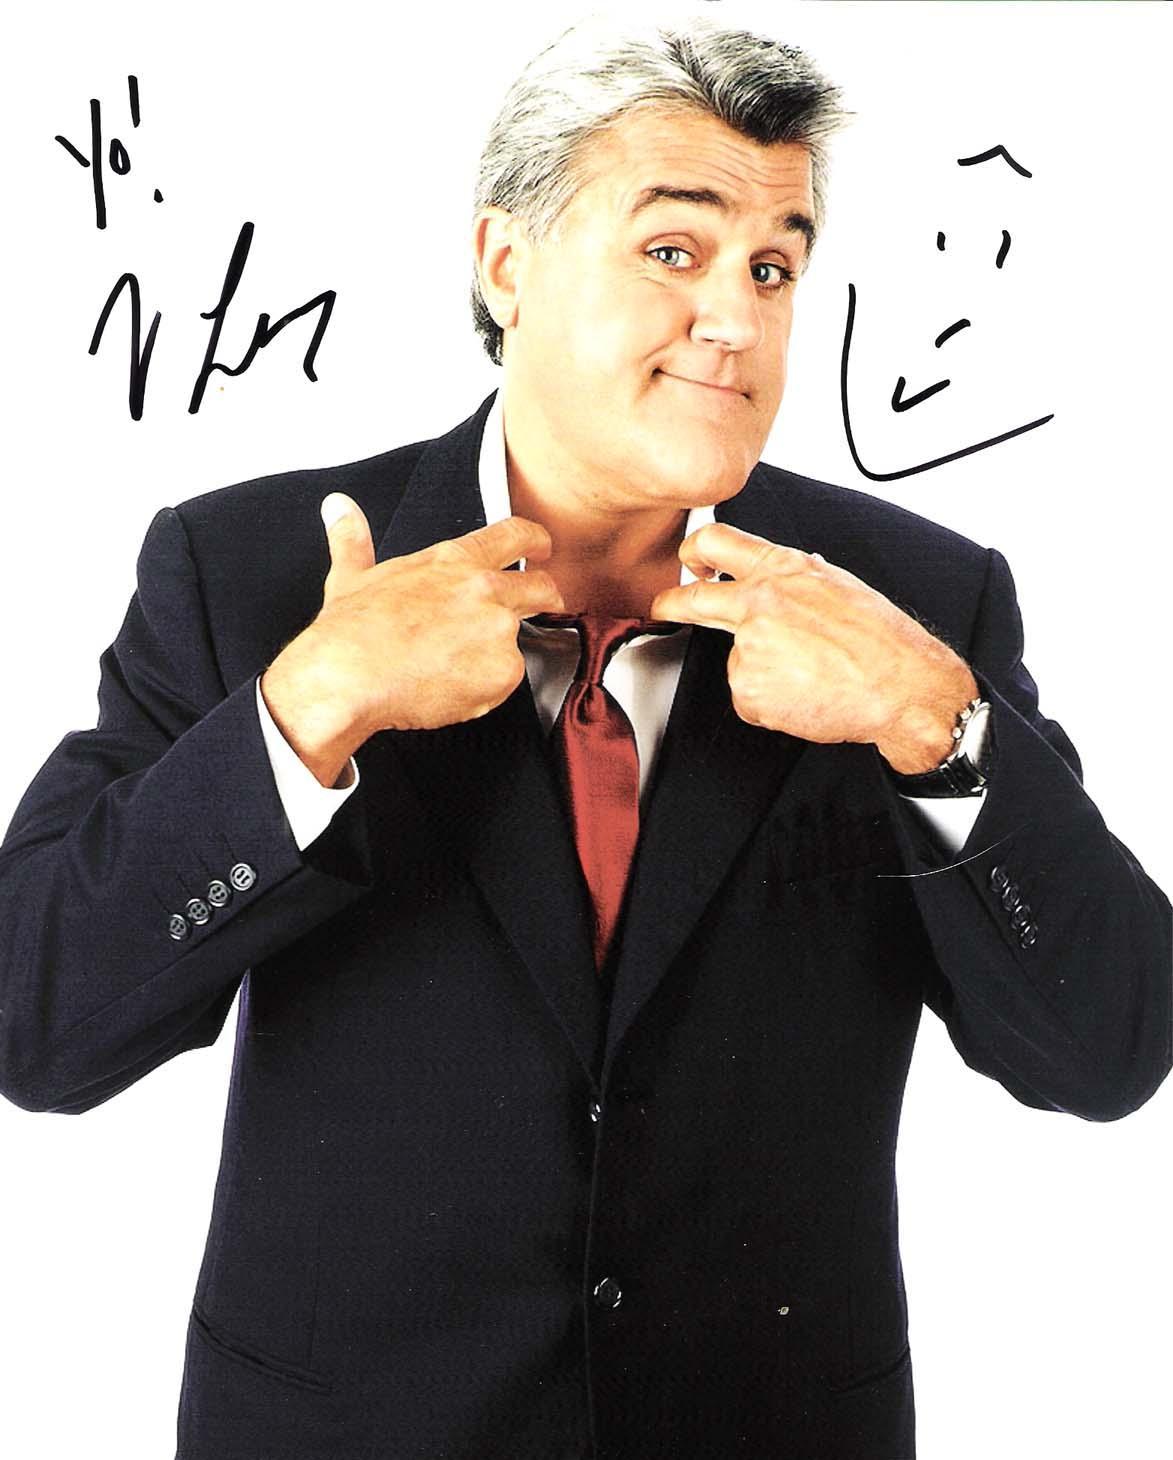 """JAY LENO - NBC's """"THE TONIGHT SHOW with JAY LENO""""  Signed 8x10 Color Photo"""